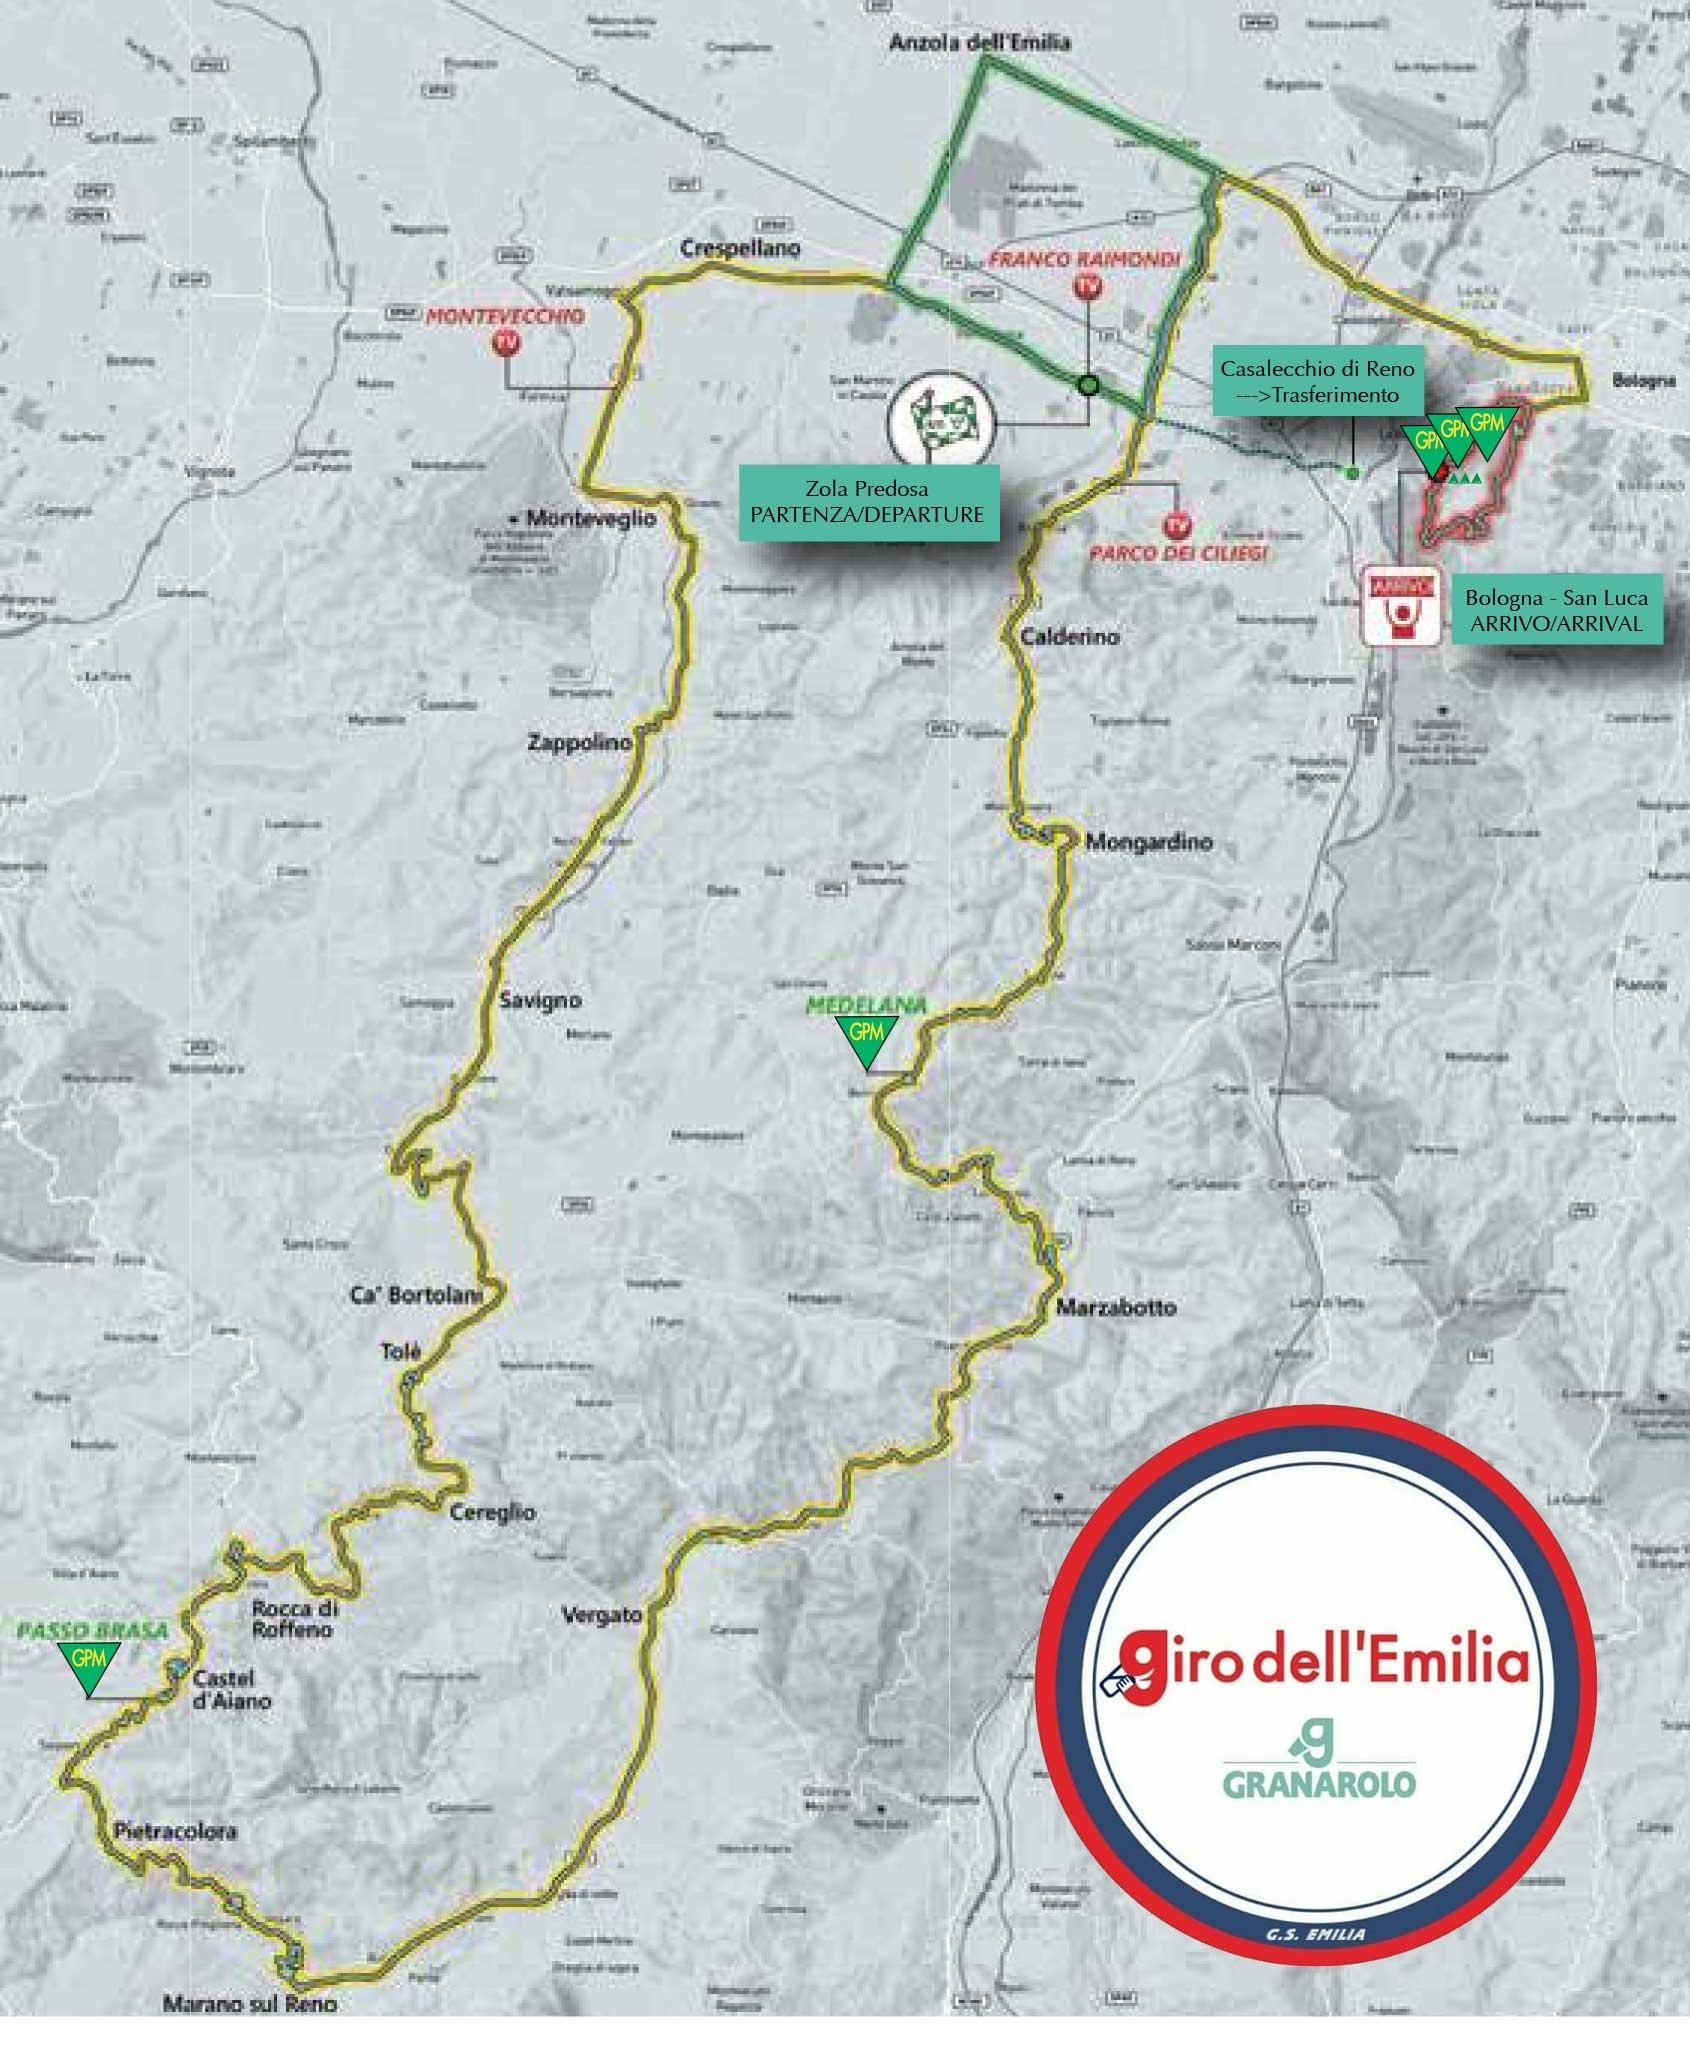 Giro dell'Emilia 2021 - Recorrido